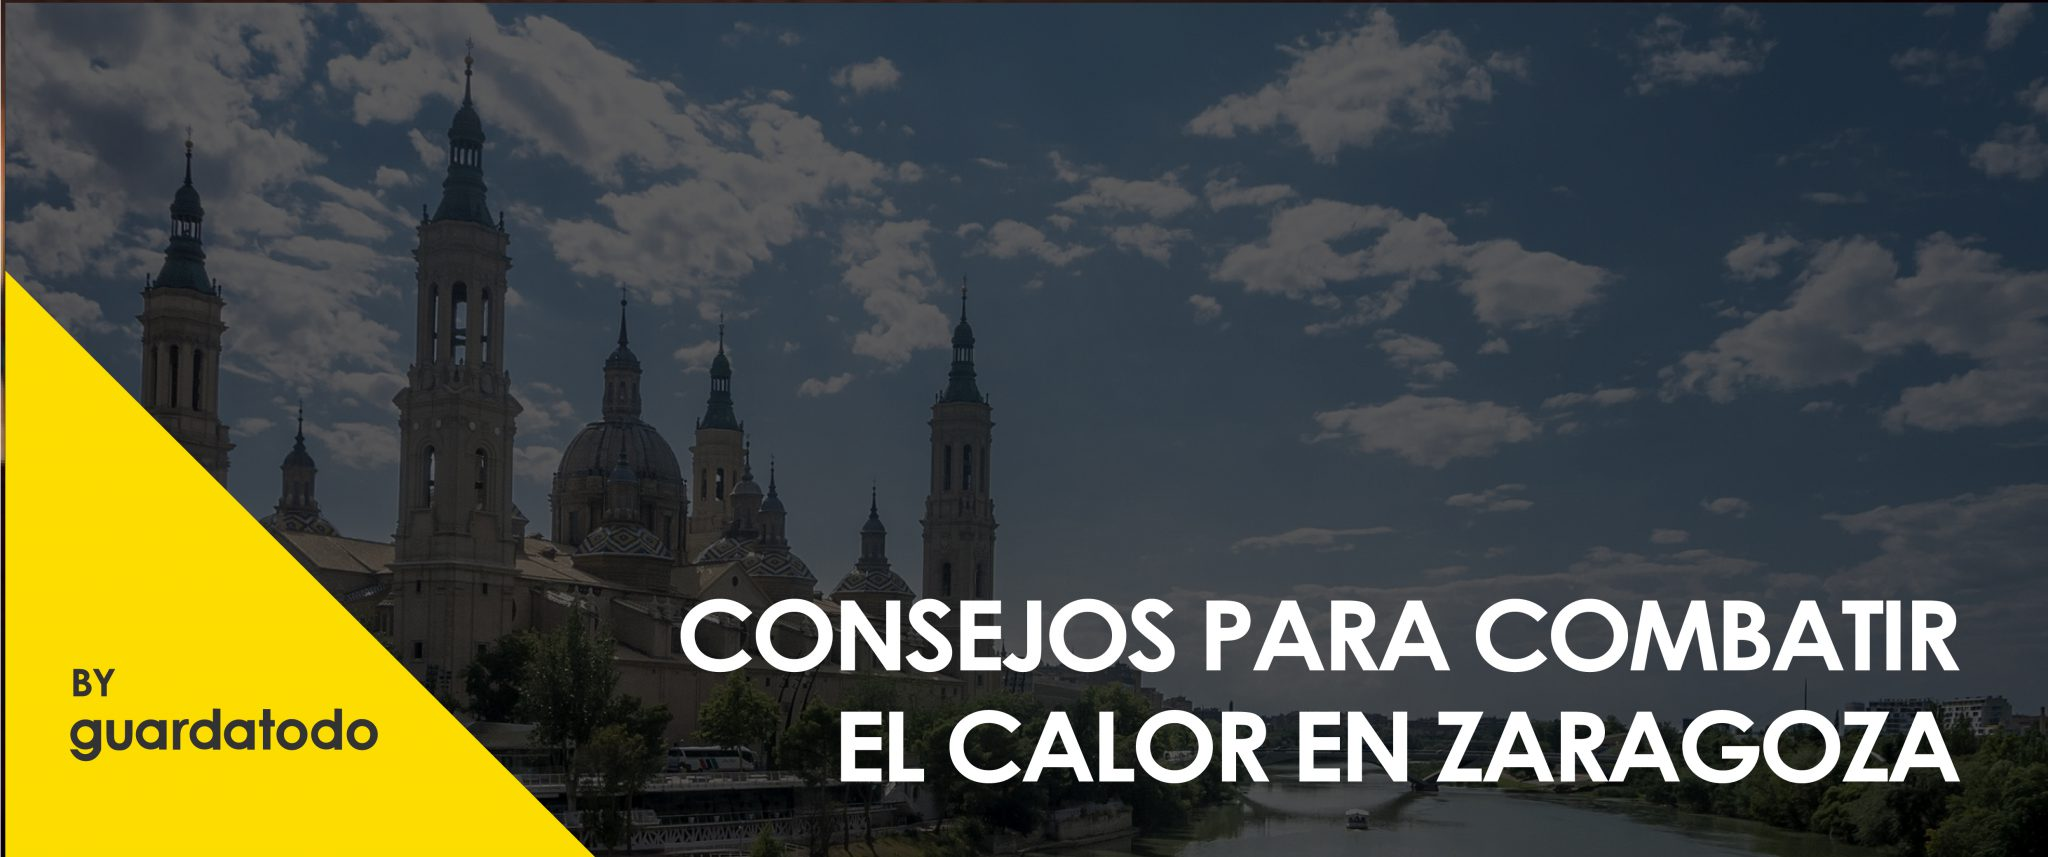 CONSEJOS PARA COMBATIR EL CALOR EN ZARAGOZA2-01